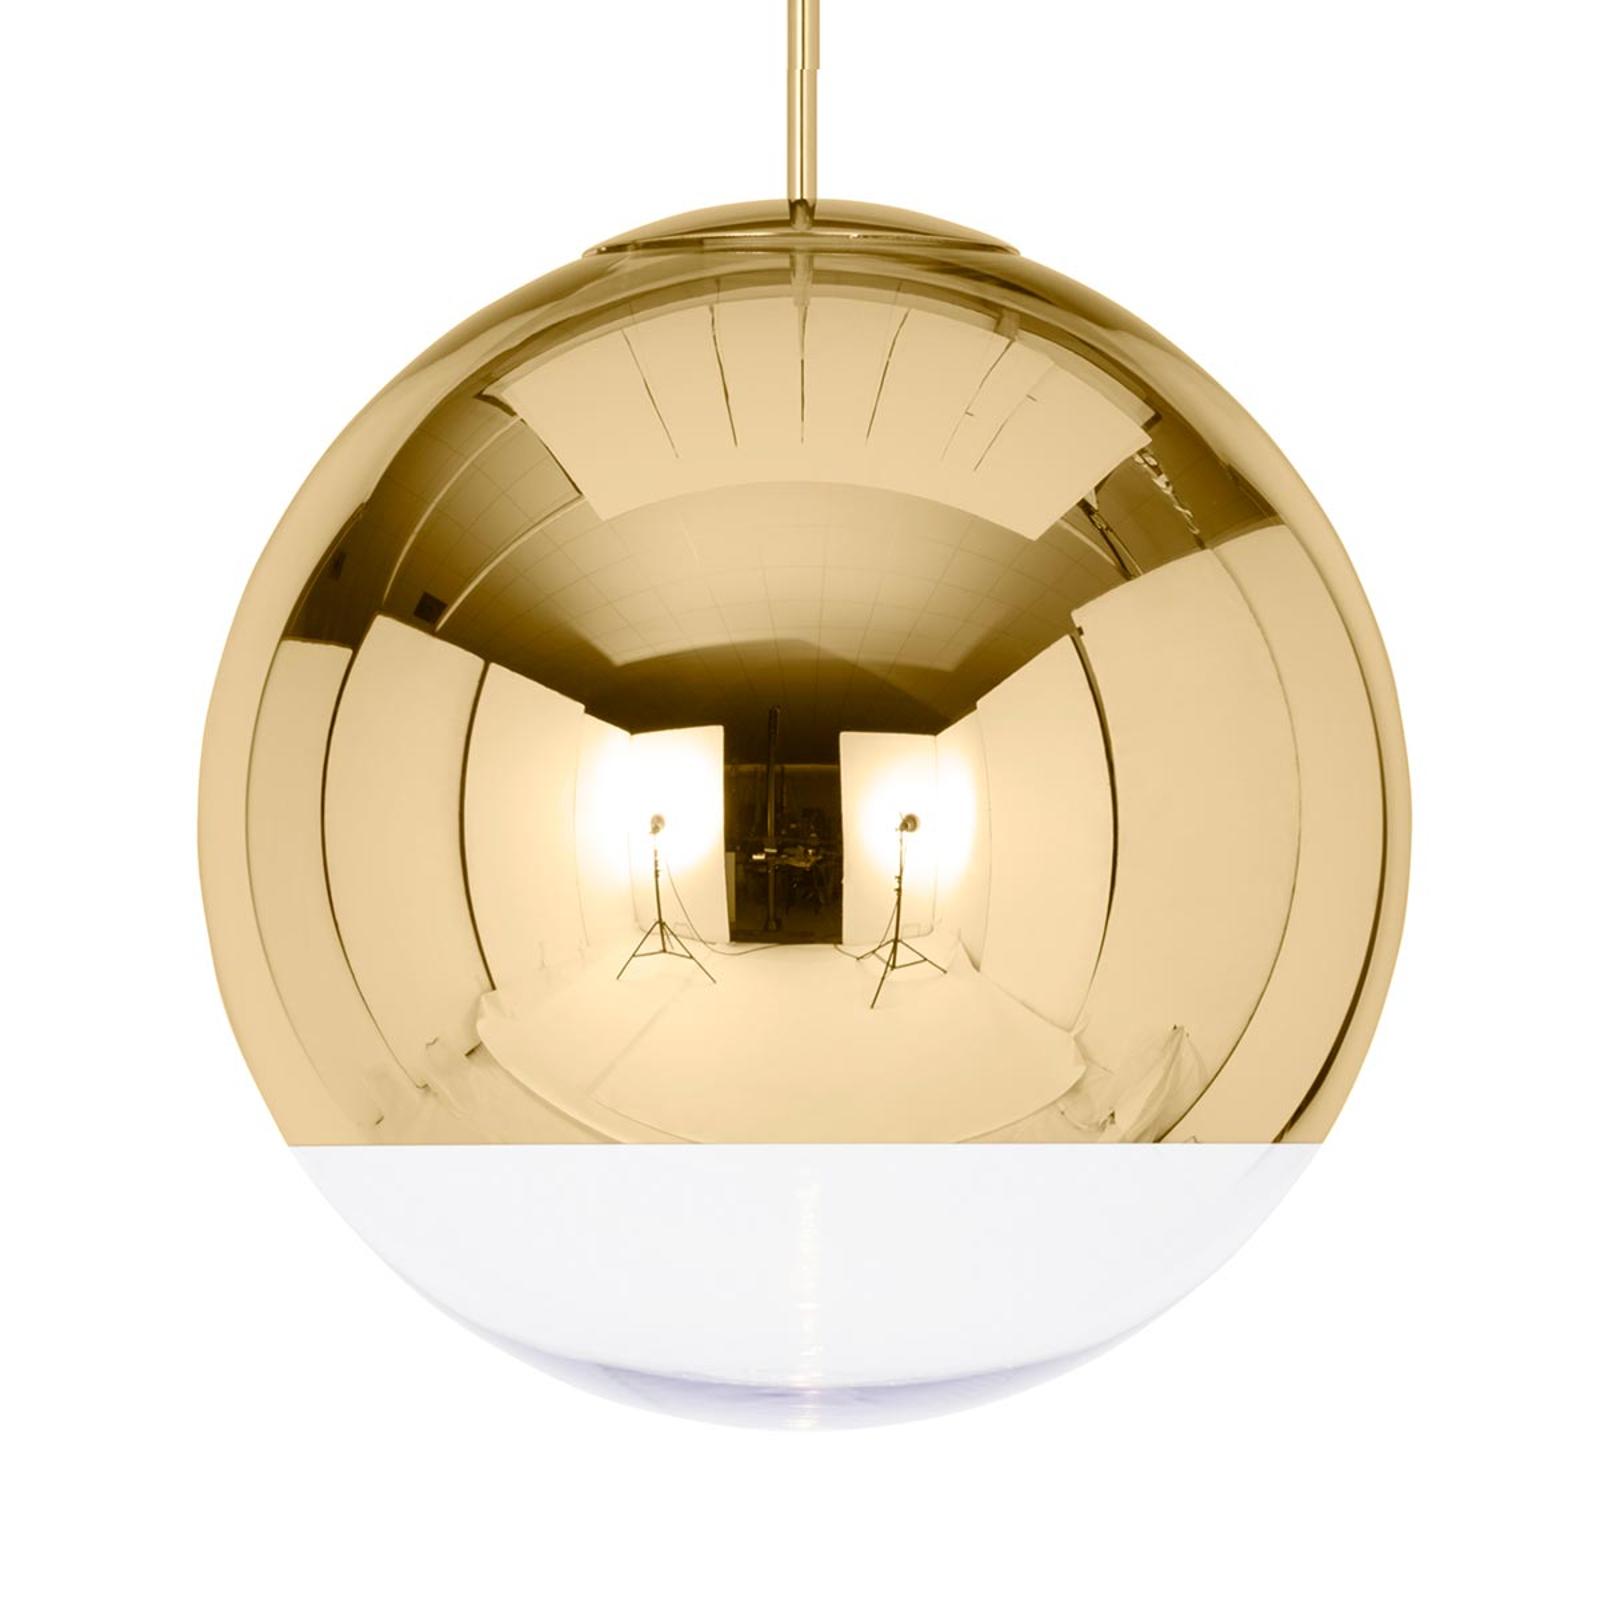 Tom Dixon Mirror Ball - Hängeleuchte gold, 50 cm